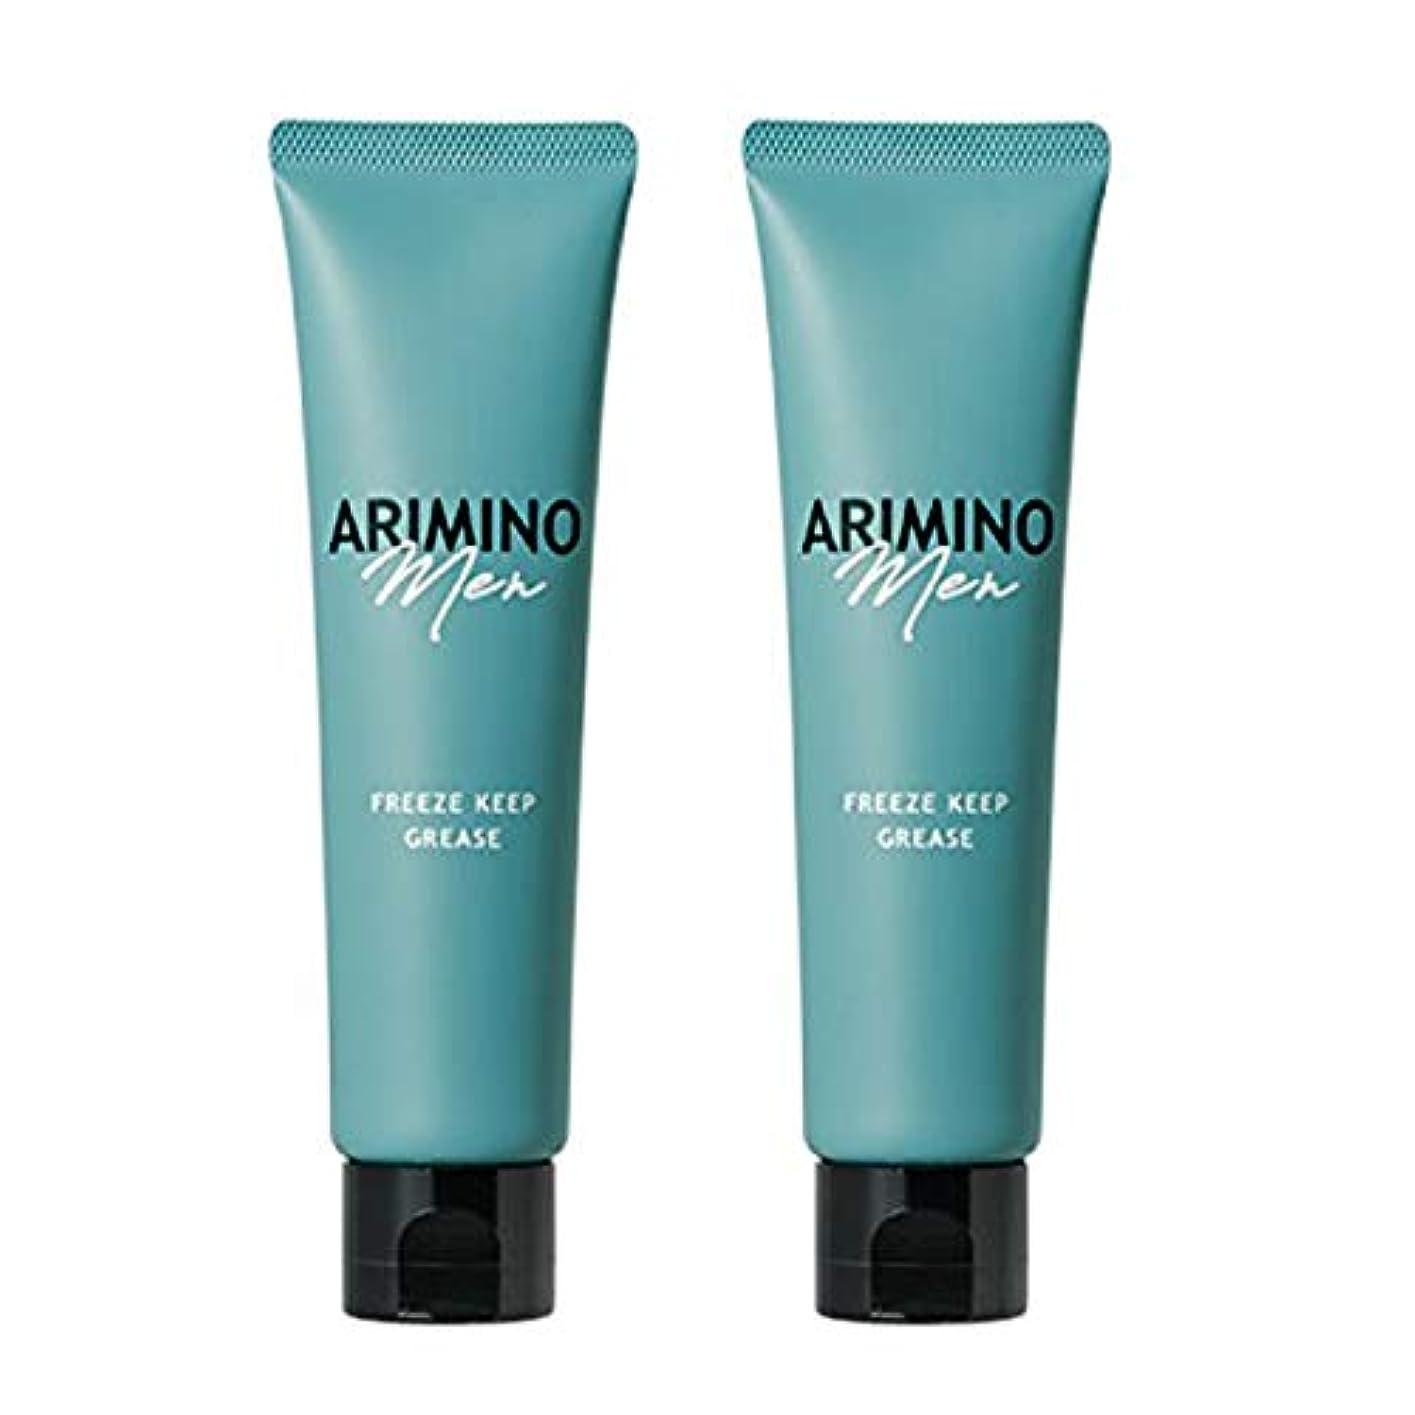 発表登る最小化するアリミノ メン フリーズキープ グリース 100g ×2個 セット arimino men